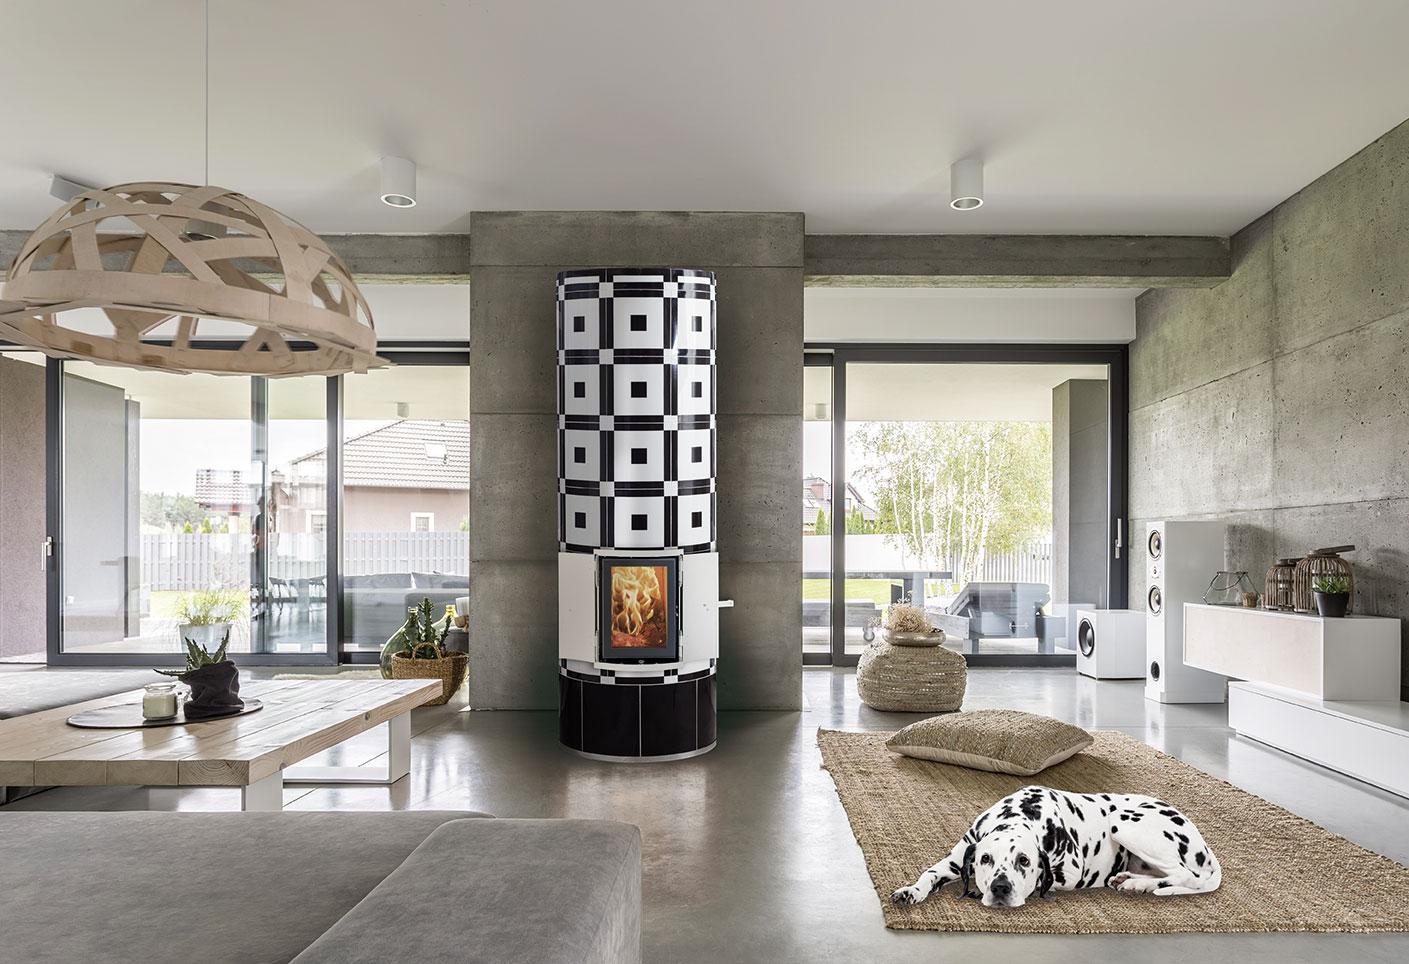 Krona Kachelofen im klassischen Bauhaus Stil, integriert in eine Wohnlandschaft